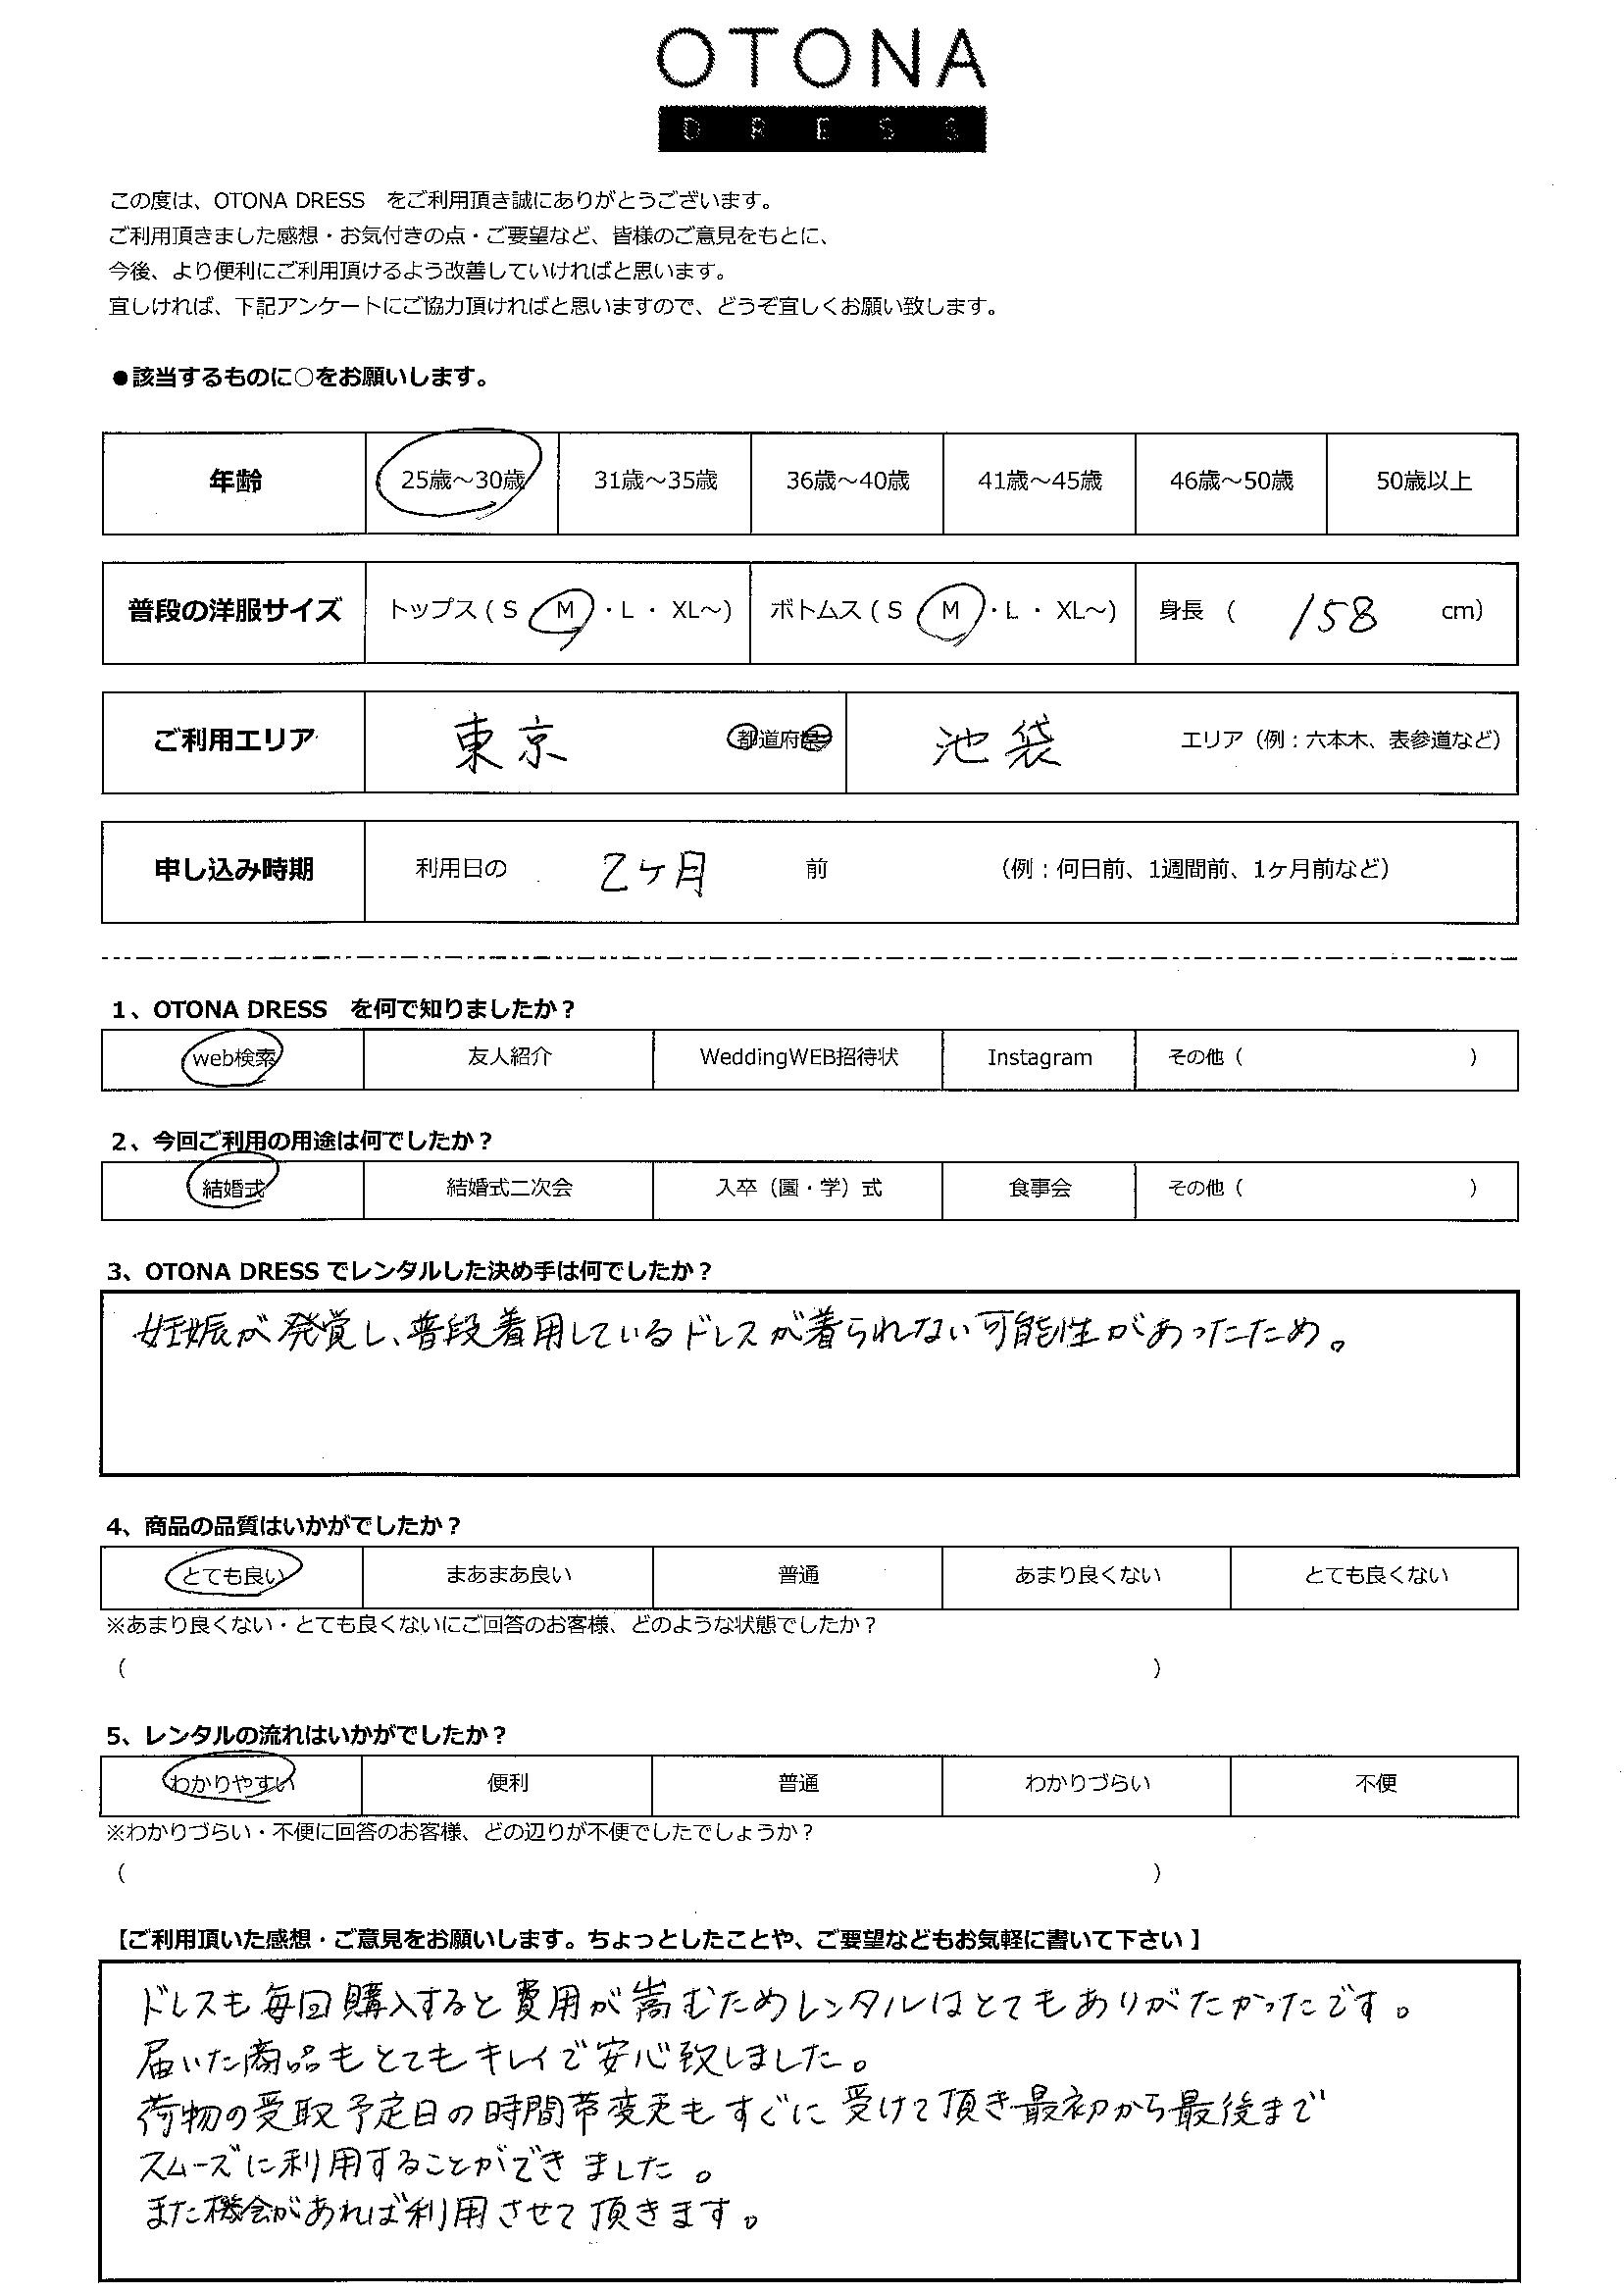 5/29結婚式ご利用 東京・池袋エリア